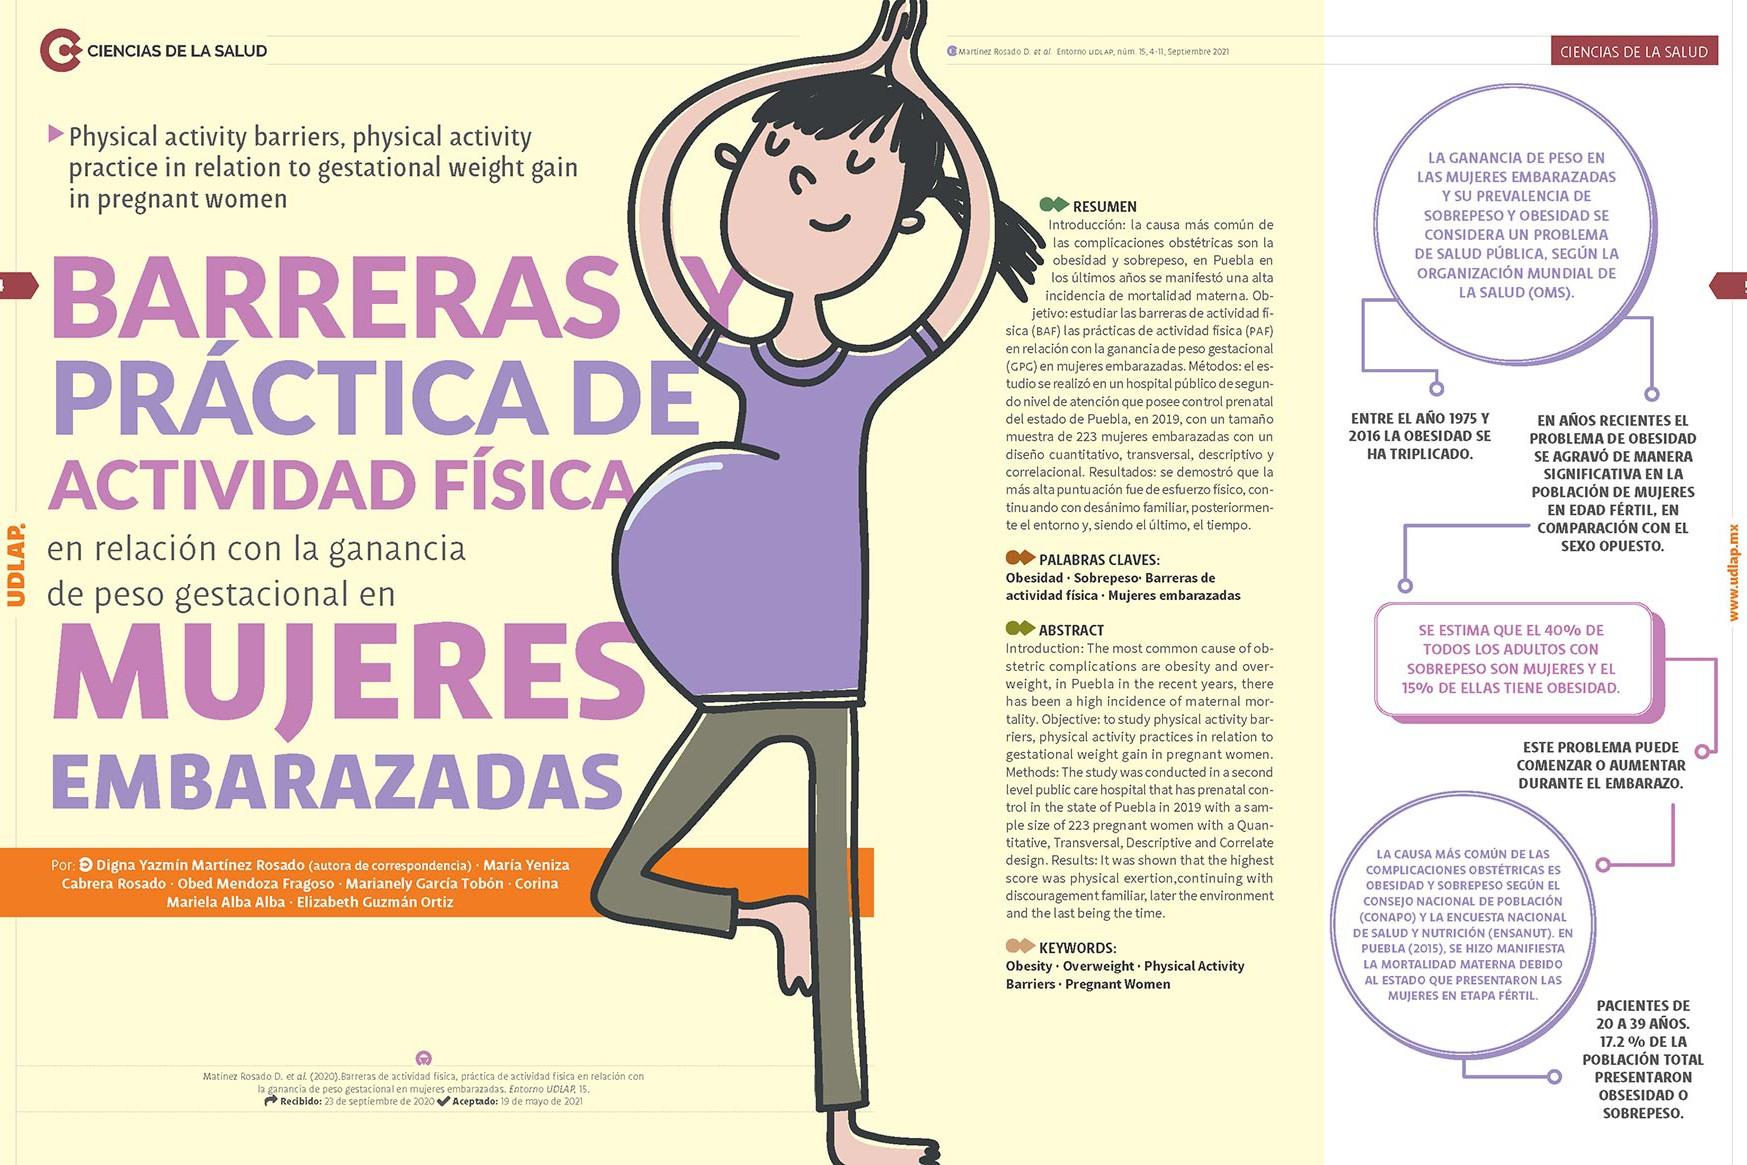 ganancia-de-peso-embarazadas-Entorno-UDLAP